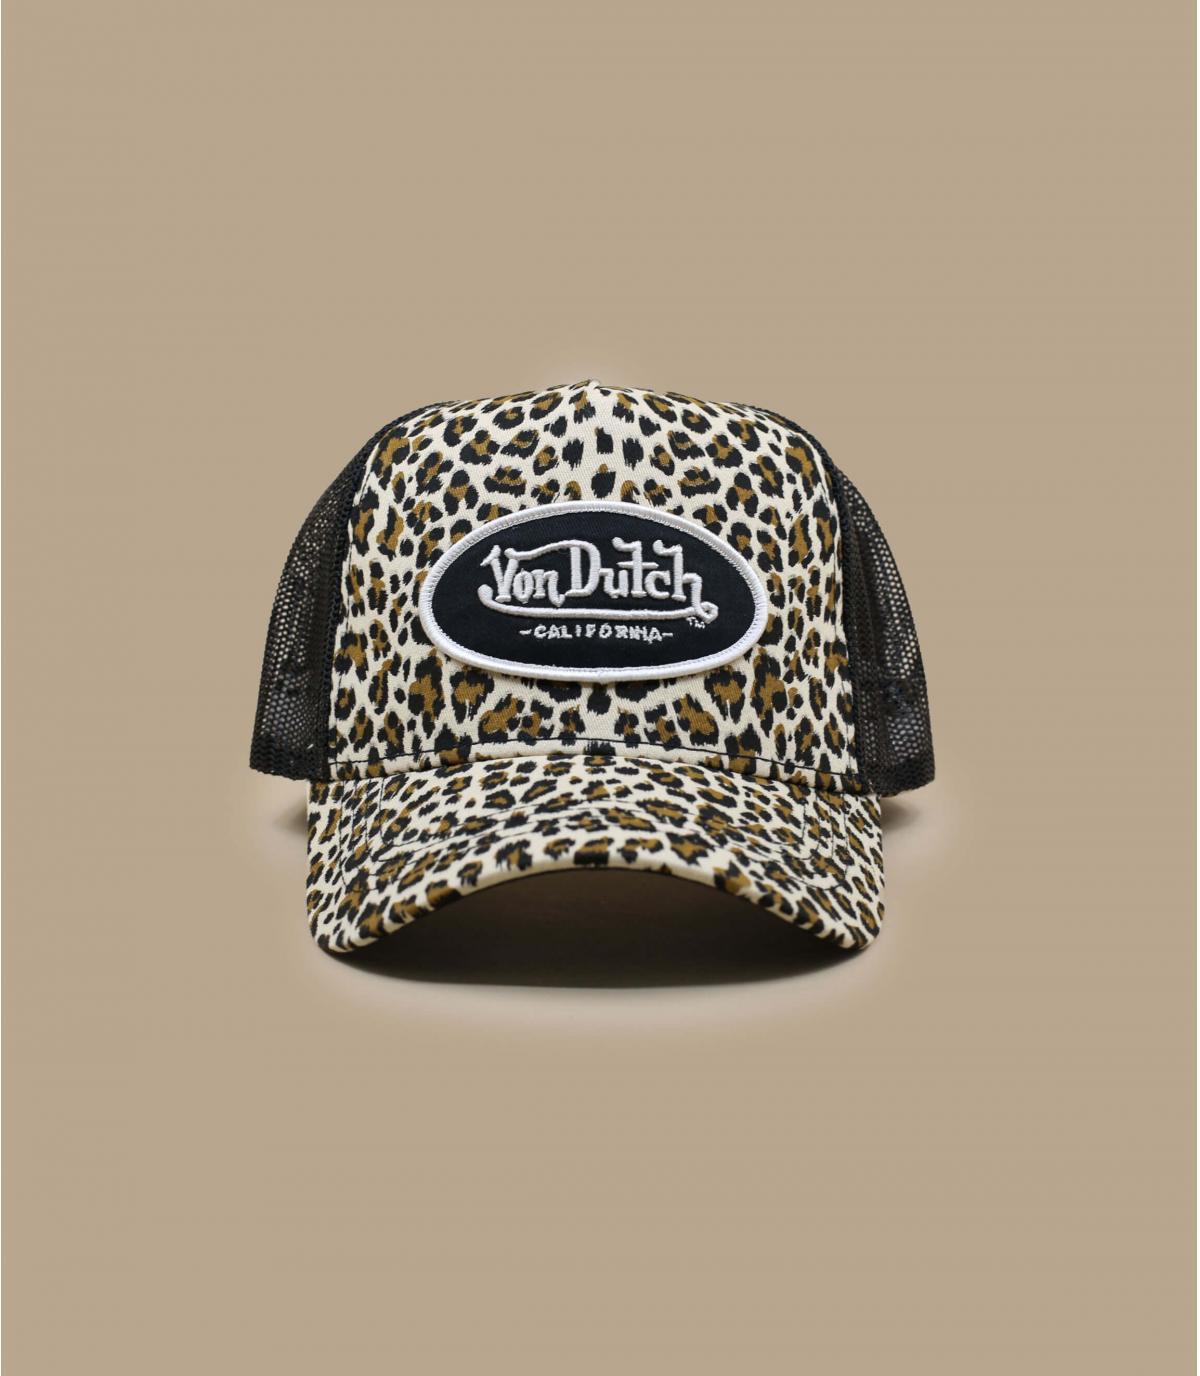 Detalles Trucker Leopard imagen 2